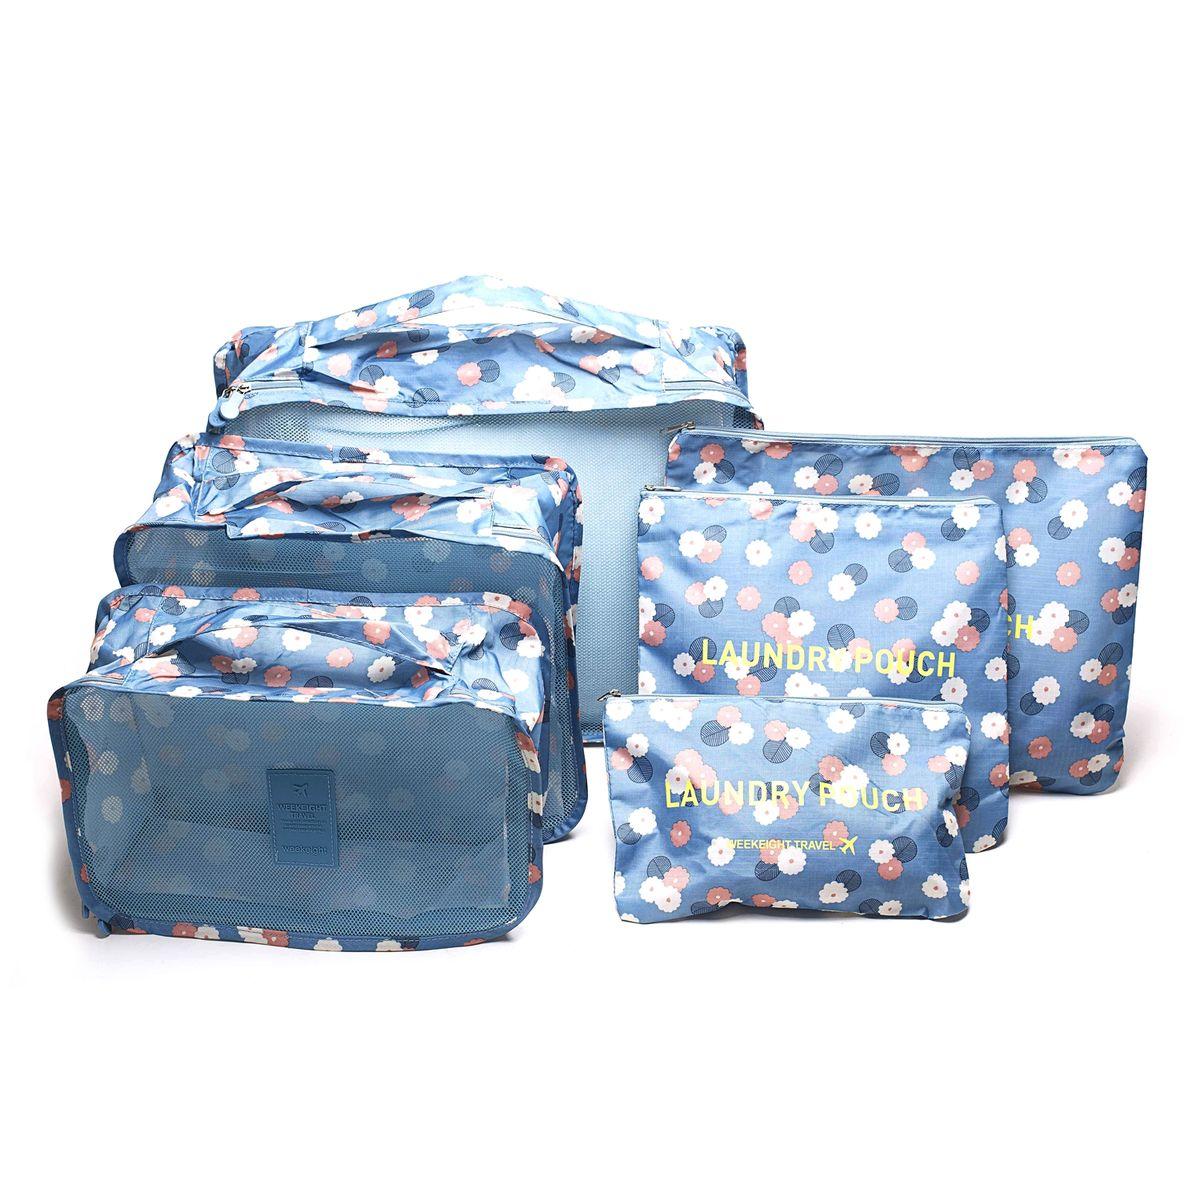 Набор органайзеров для багажа Homsu Цветок, цвет: синий, белый, розовый, 6 предметовHOM-346Набор органайзеров для багажа Homsu Цветок выполнен из полиэстера и оснащен молниями. В комплекте собраны органайзеры для бюстгальтеров, нижнего белья, носков, одежды, косметики. Вы сможете распределить все вещи, которые возьмете с собой таким образом, чтобы всегда иметь быстрый доступ к ним. Органайзеры надежно защитят от пыли, грязи, влажности или механических повреждений. Размеры органайзеров: 40 x 30 x 12 см; 30 x 28 x 13 см; 30 x 21 x 13 см; 35 x 27 см; 27 x 25 см; 26 x 16 см.